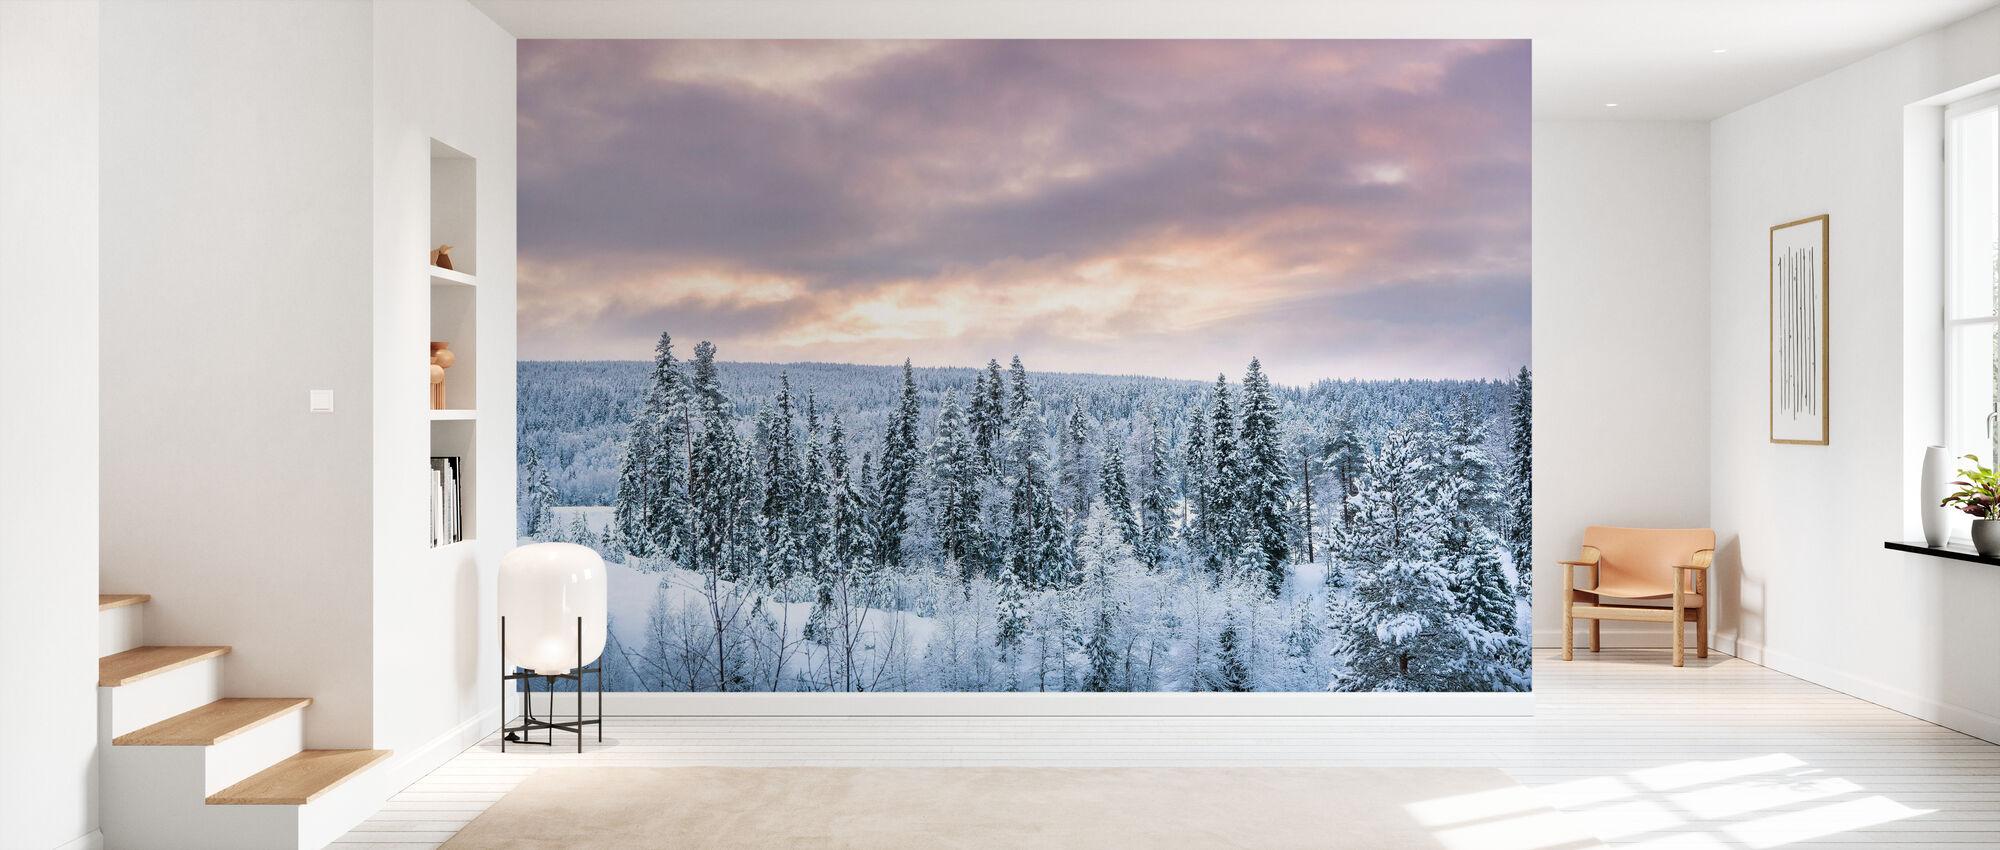 Winter is Coming - Wallpaper - Hallway